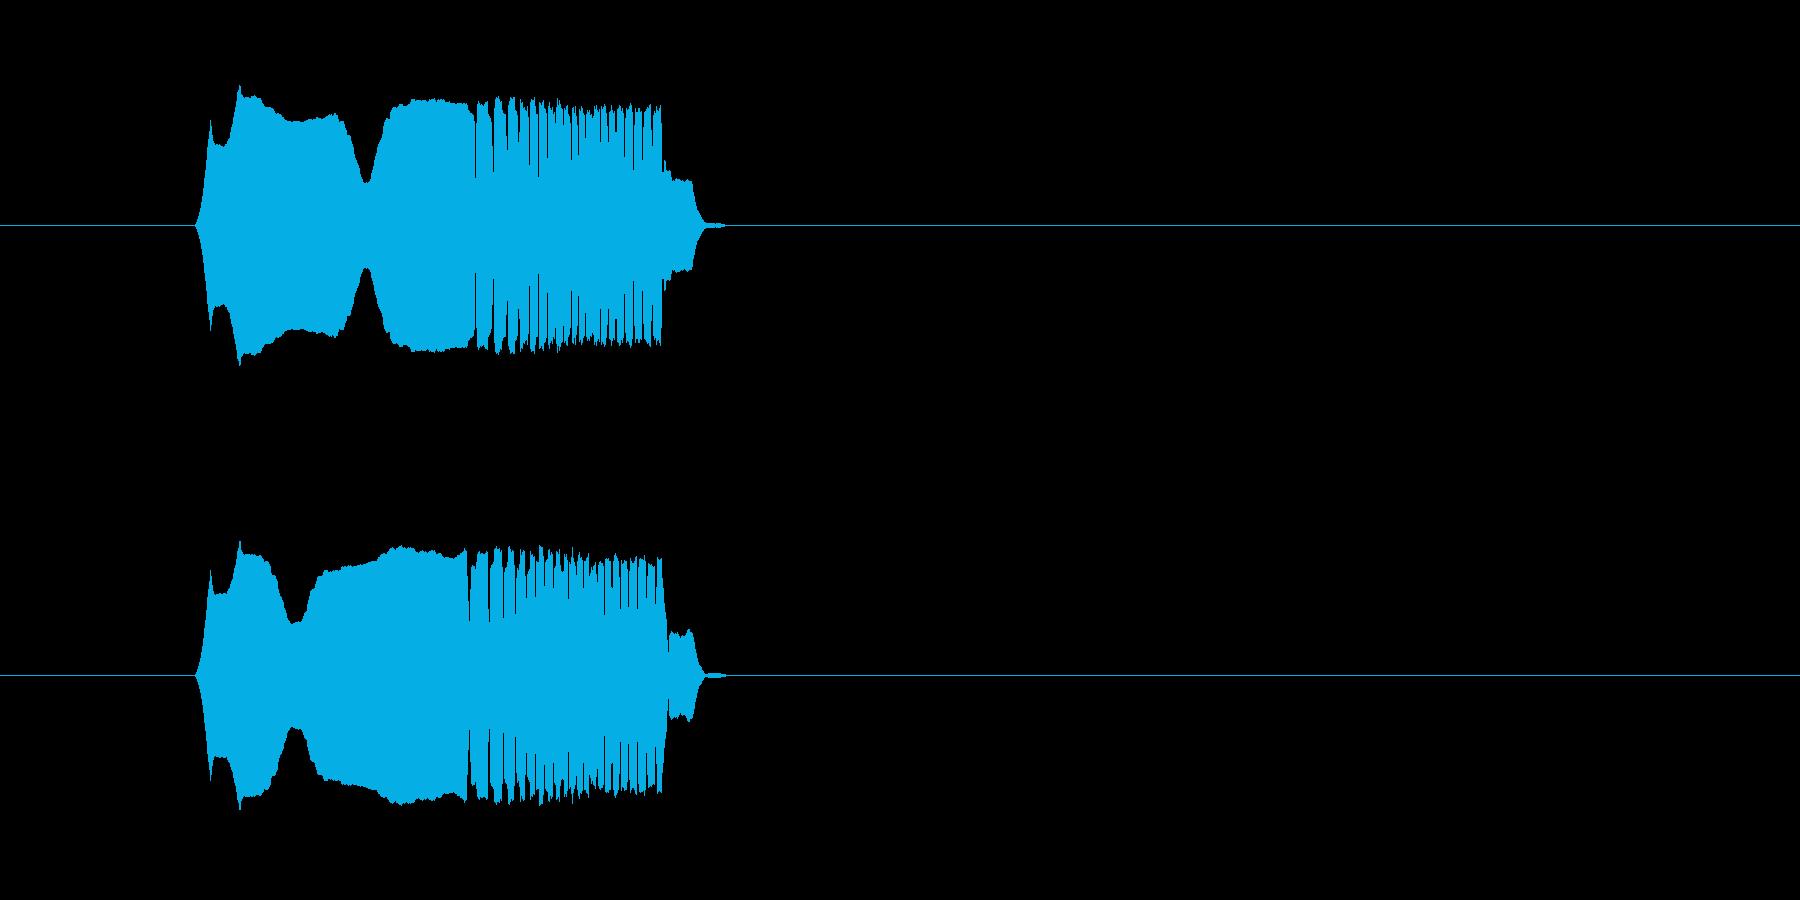 何かを放る_ポイ_m0221の再生済みの波形